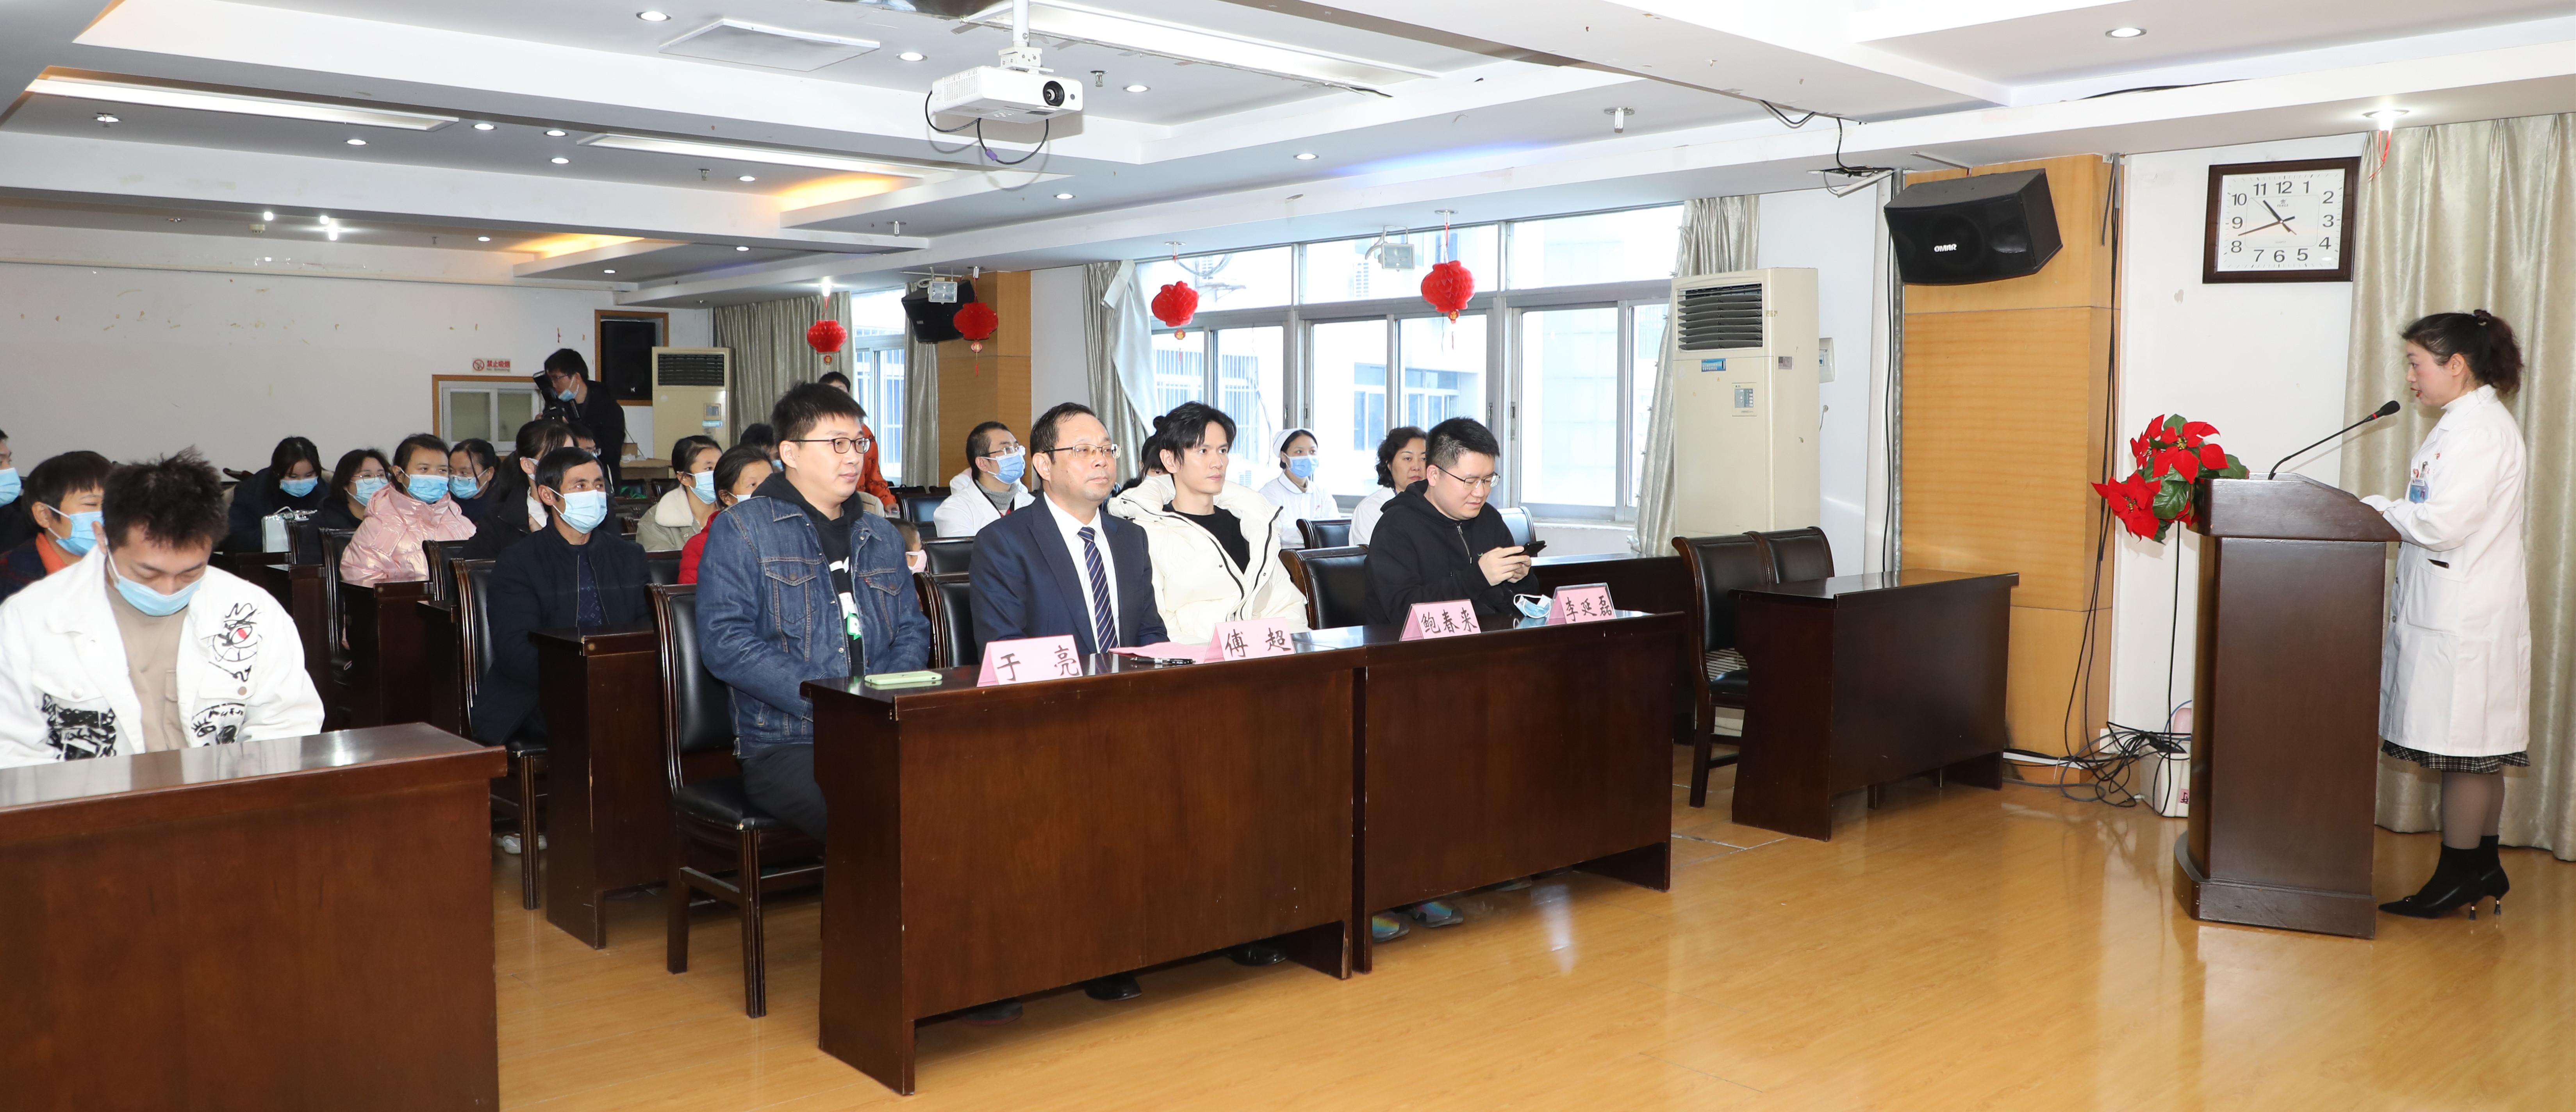 江西省儿童医院举办「因你而在,为爱而生——微爱 1+1」公益活动